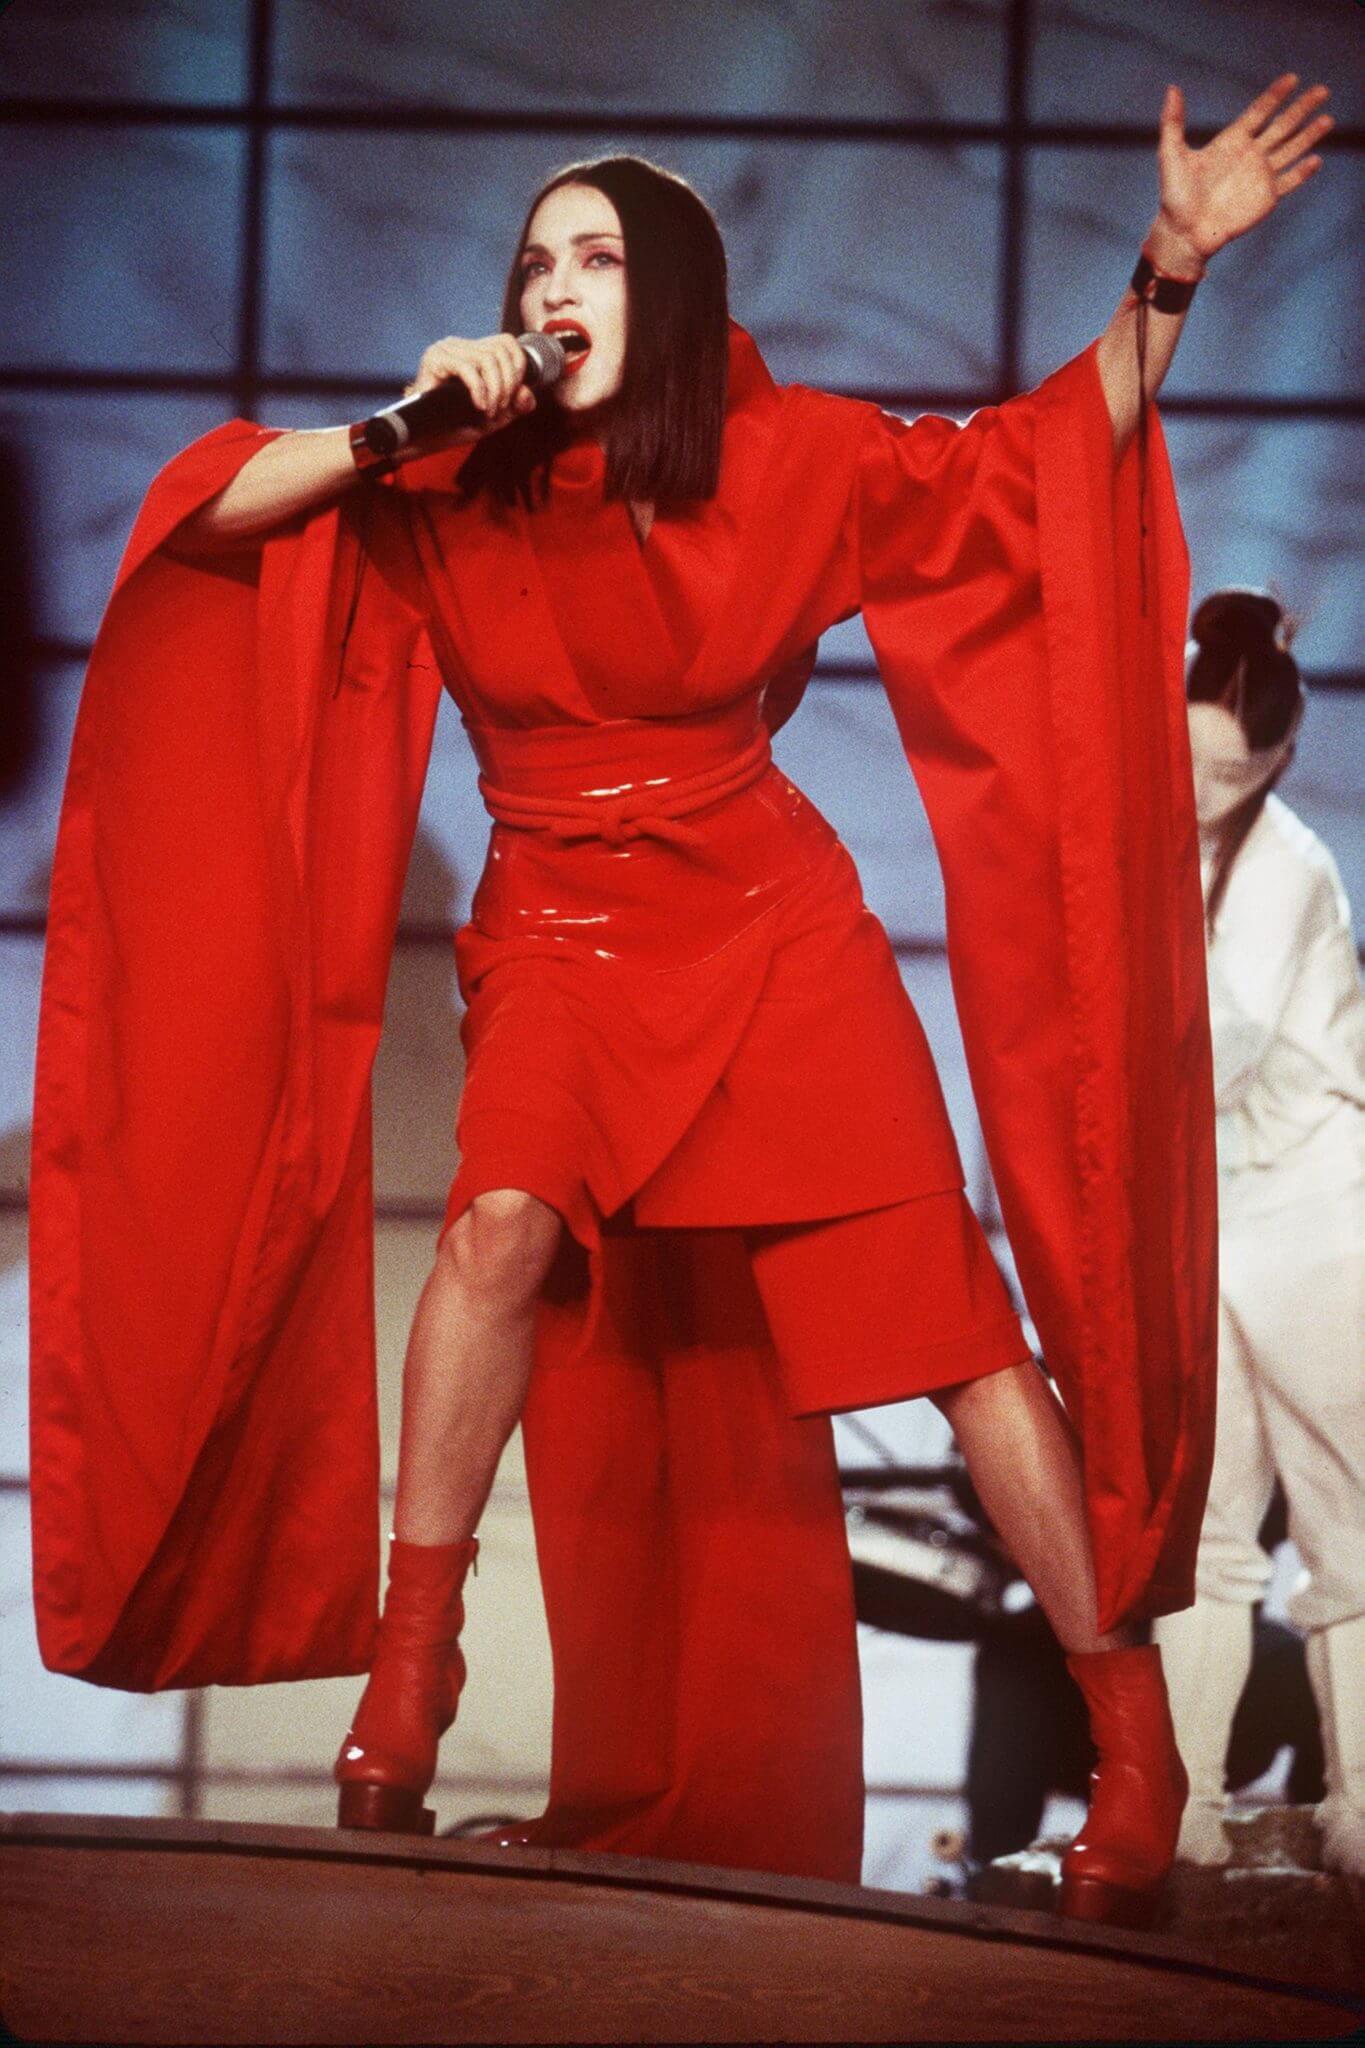 Madonna durante su performance en los Grammys de 1999. Fotografía: Getty Images